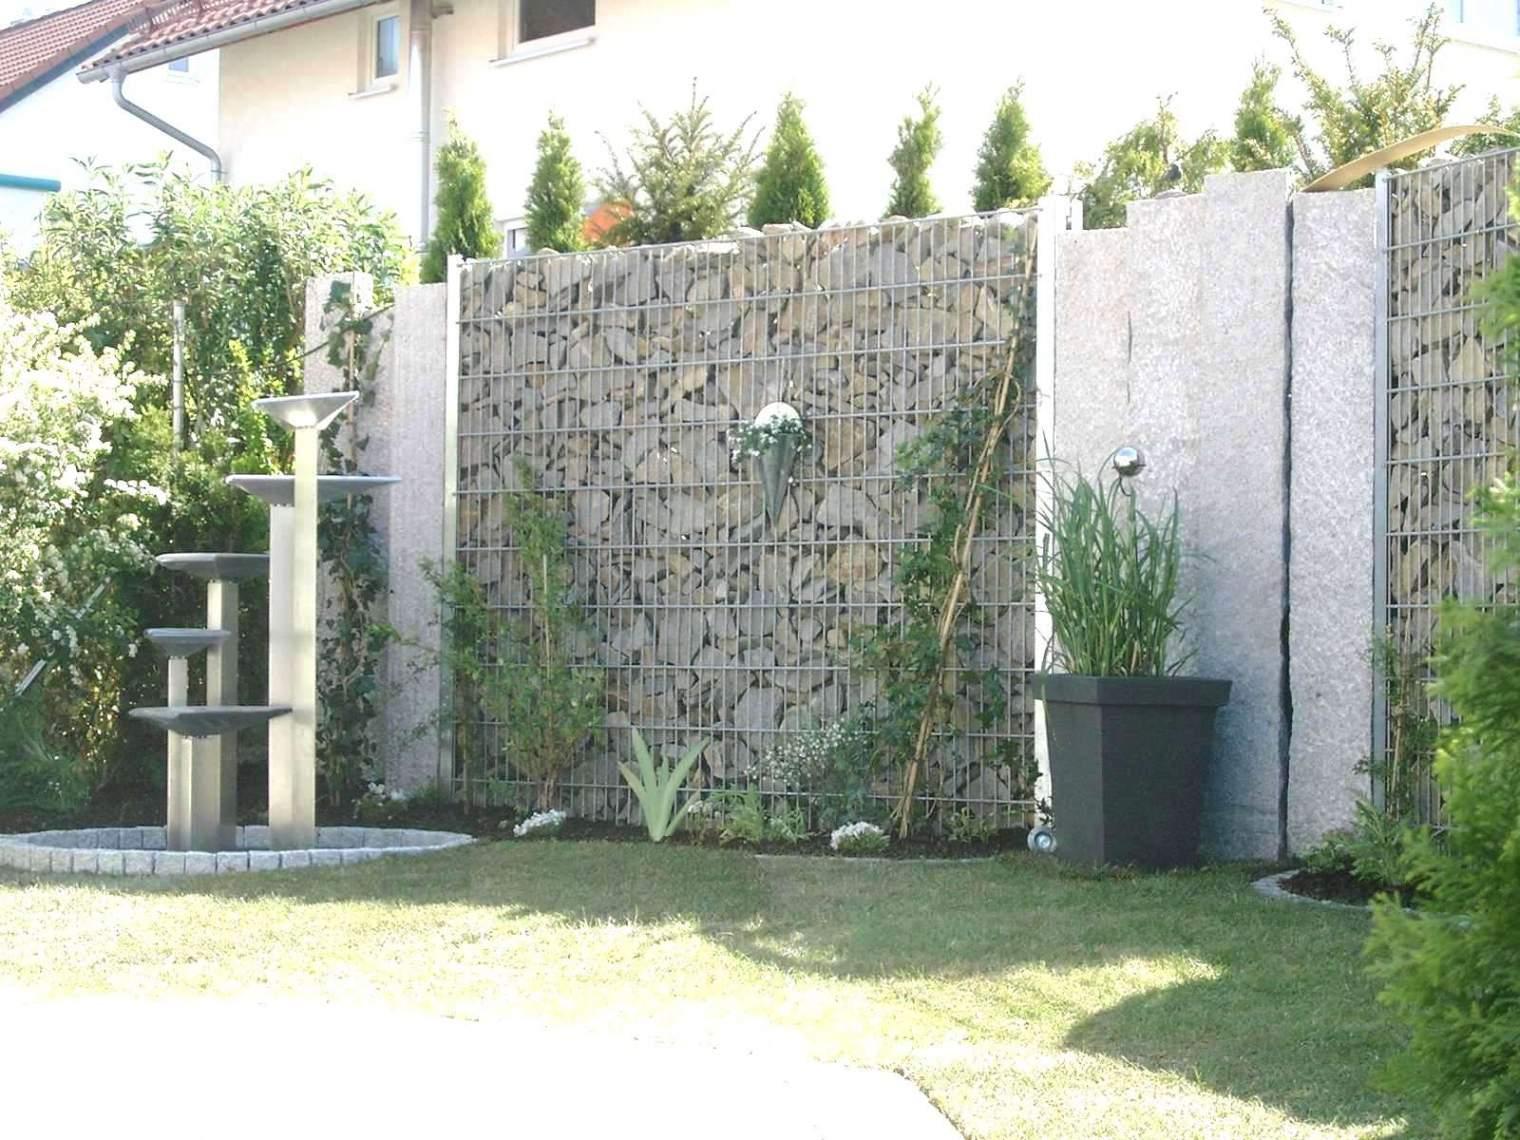 sichtschutz garten pflanzen das beste von inspirierend terrasse garten sichtschutz pflanzen garten sichtschutz pflanzen